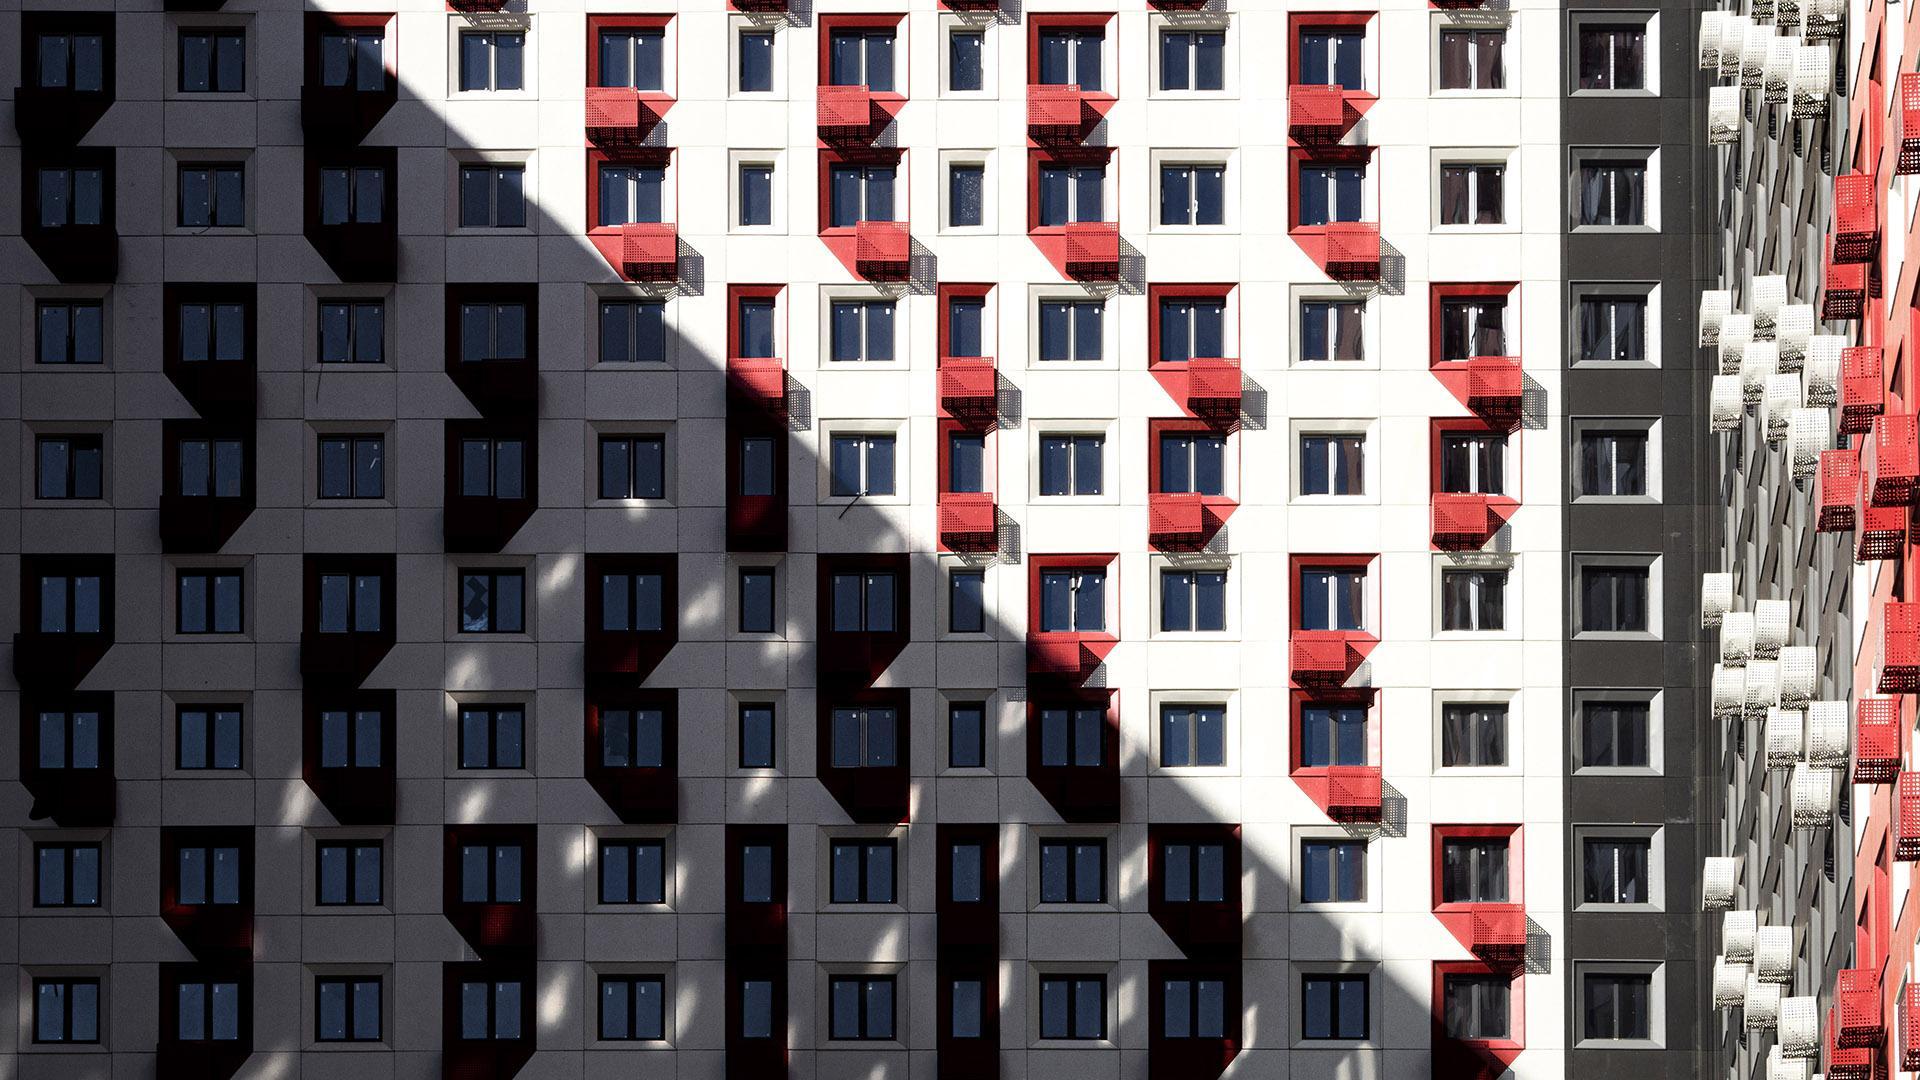 В Кызылорде для социально уязвимых слоев населения построят специальное жилье